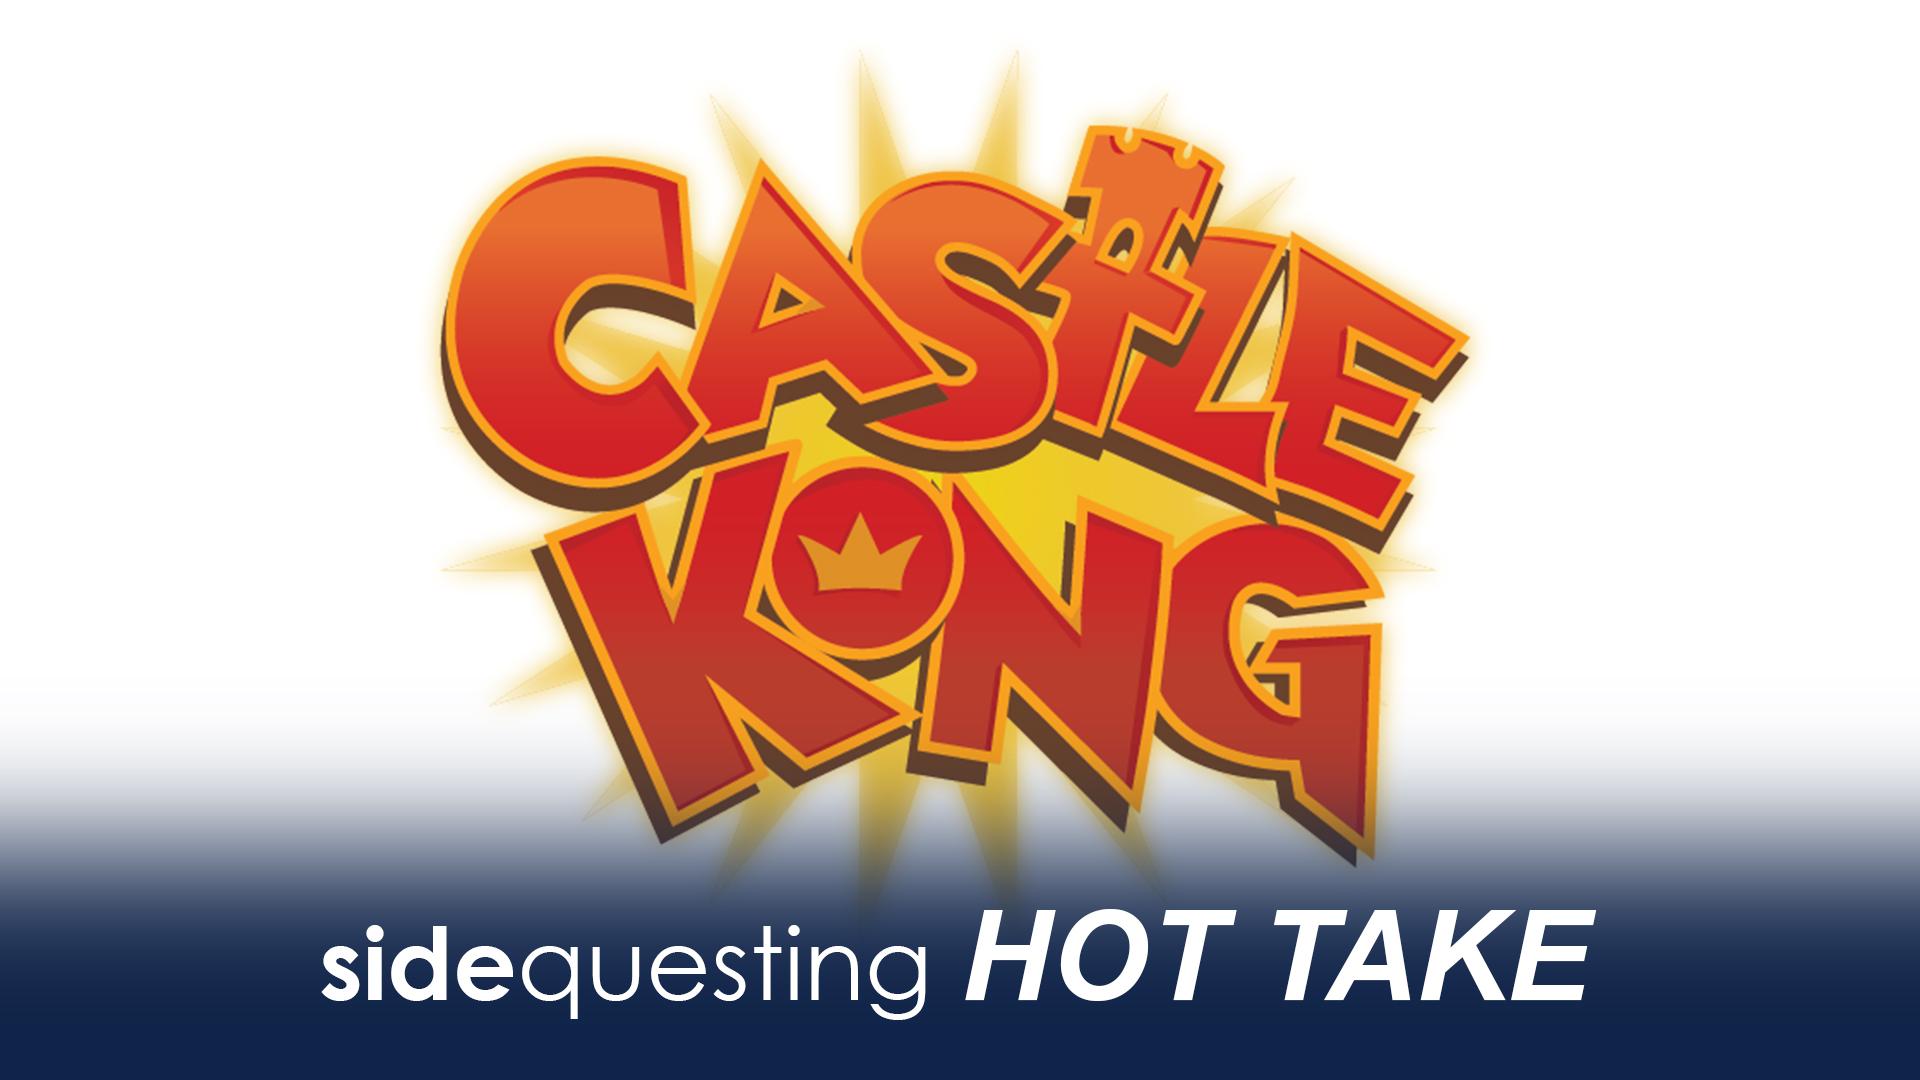 Hot Take: Castle Kong